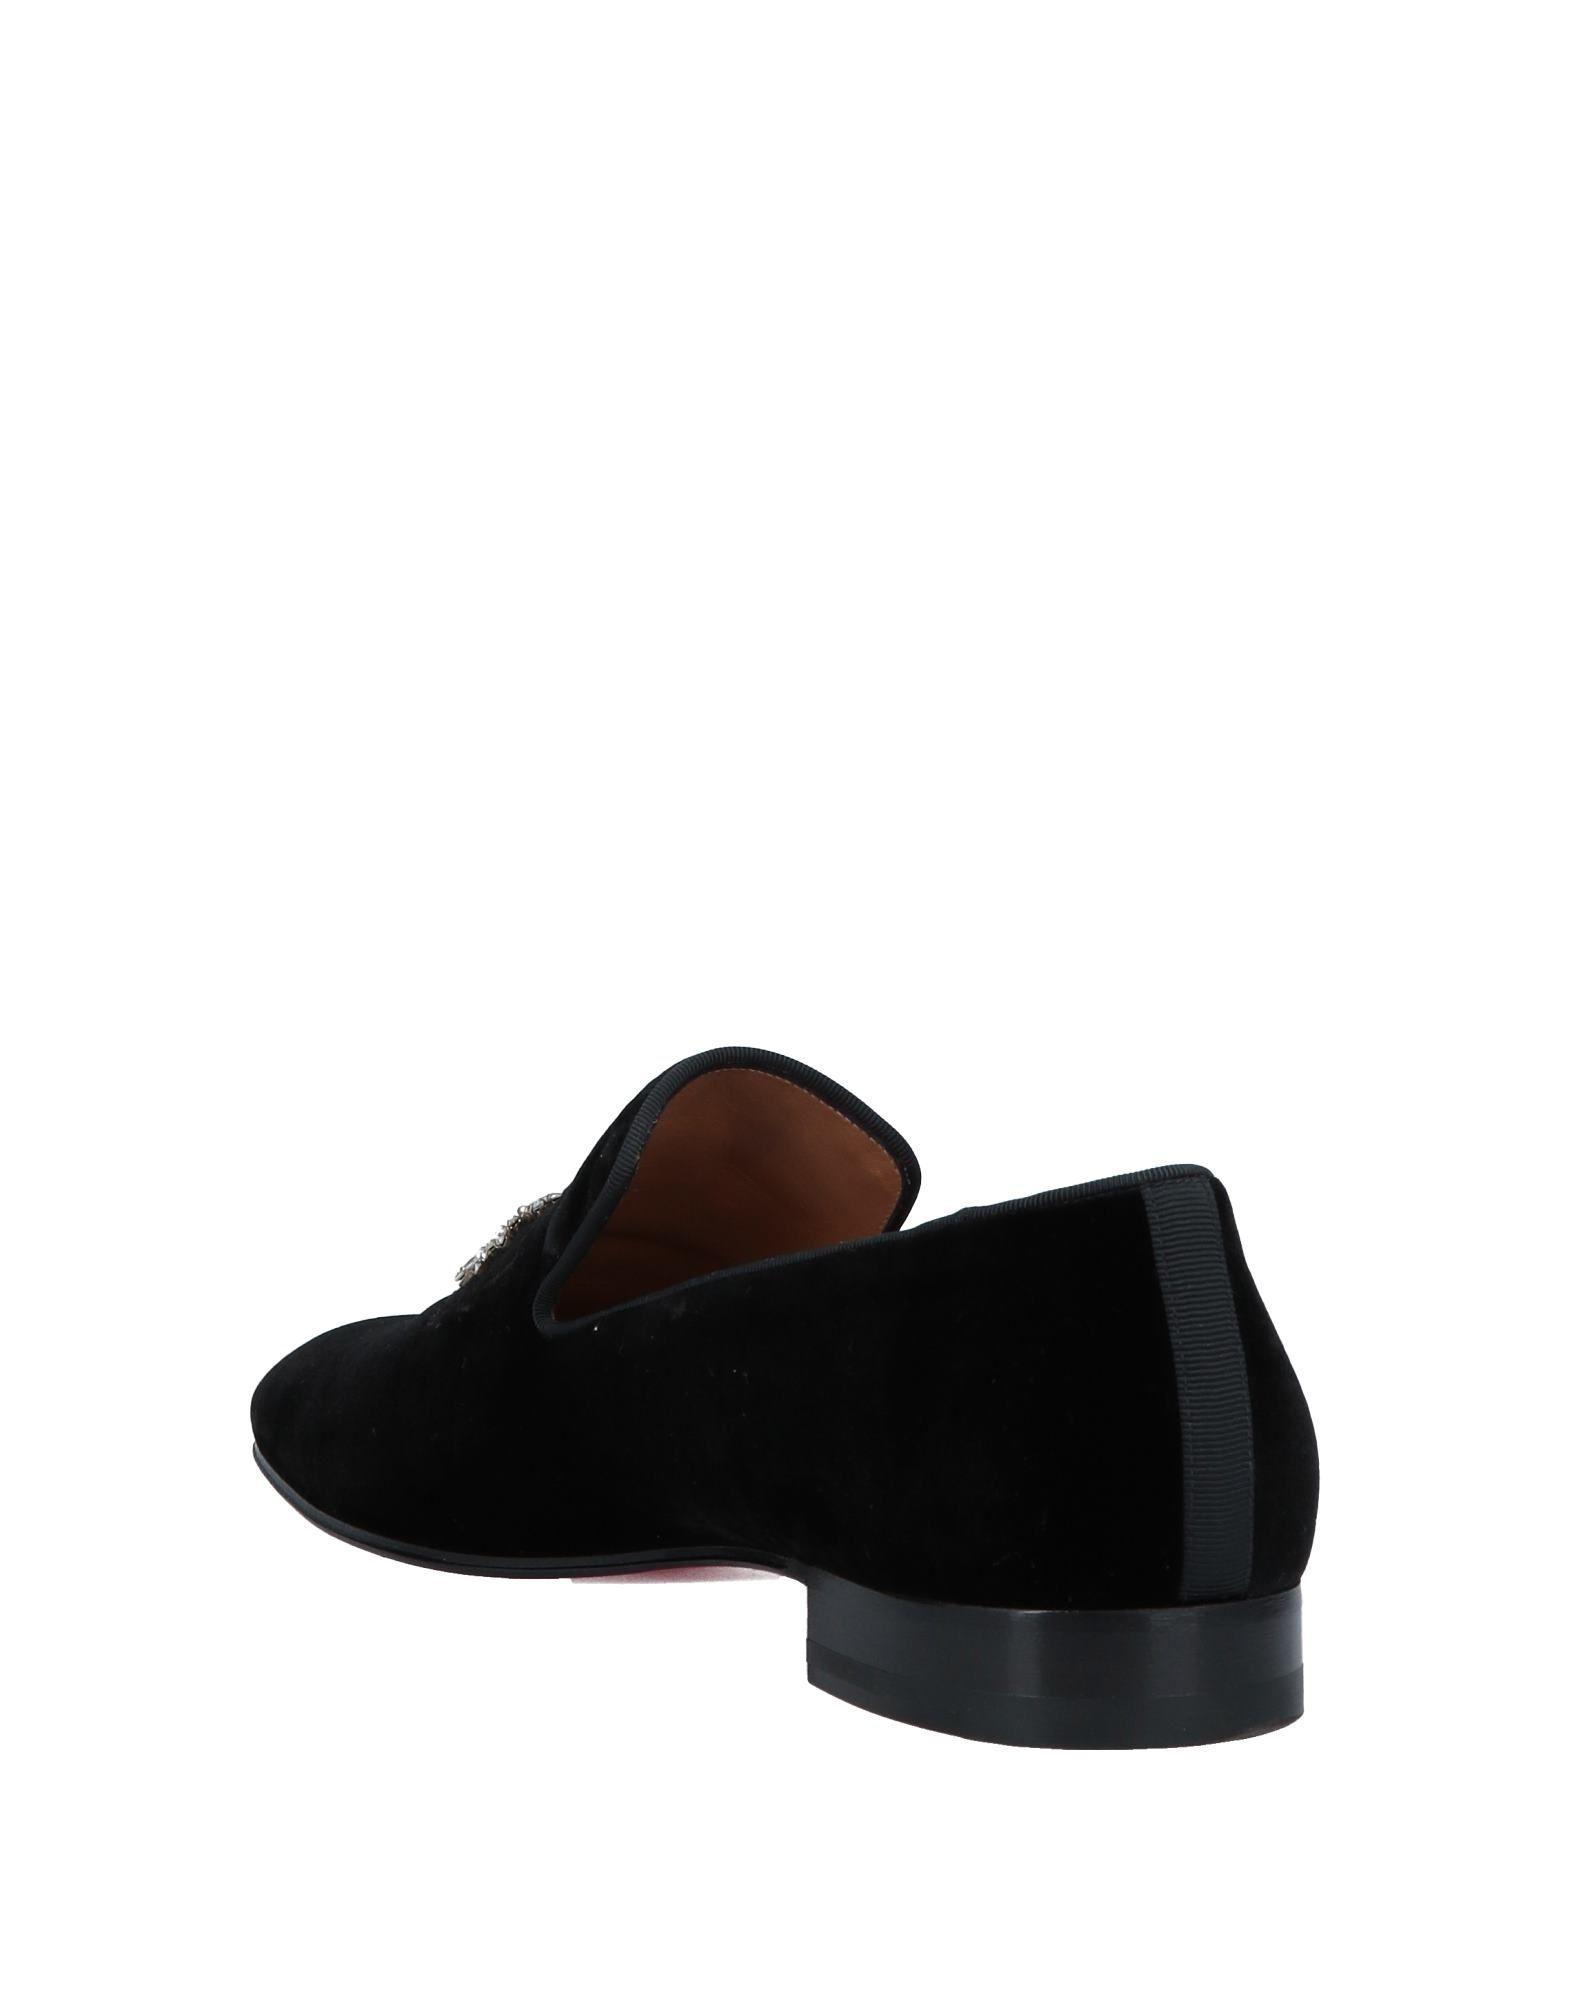 f401318e190 Christian Louboutin Loafer in Black for Men - Lyst